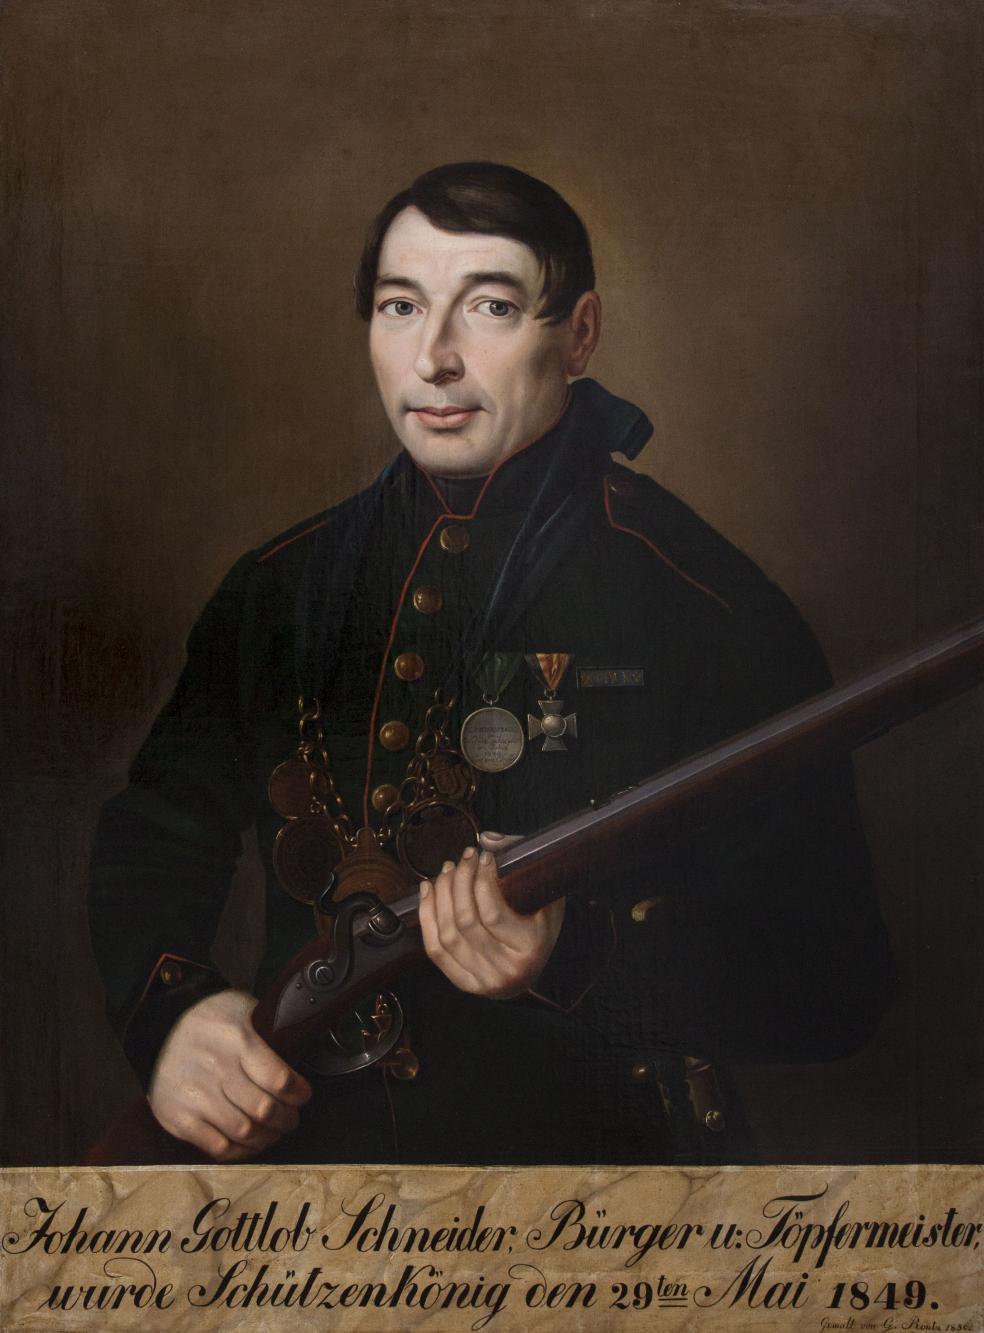 Portret króla kurkowego Johanna Gottloba Schneidera